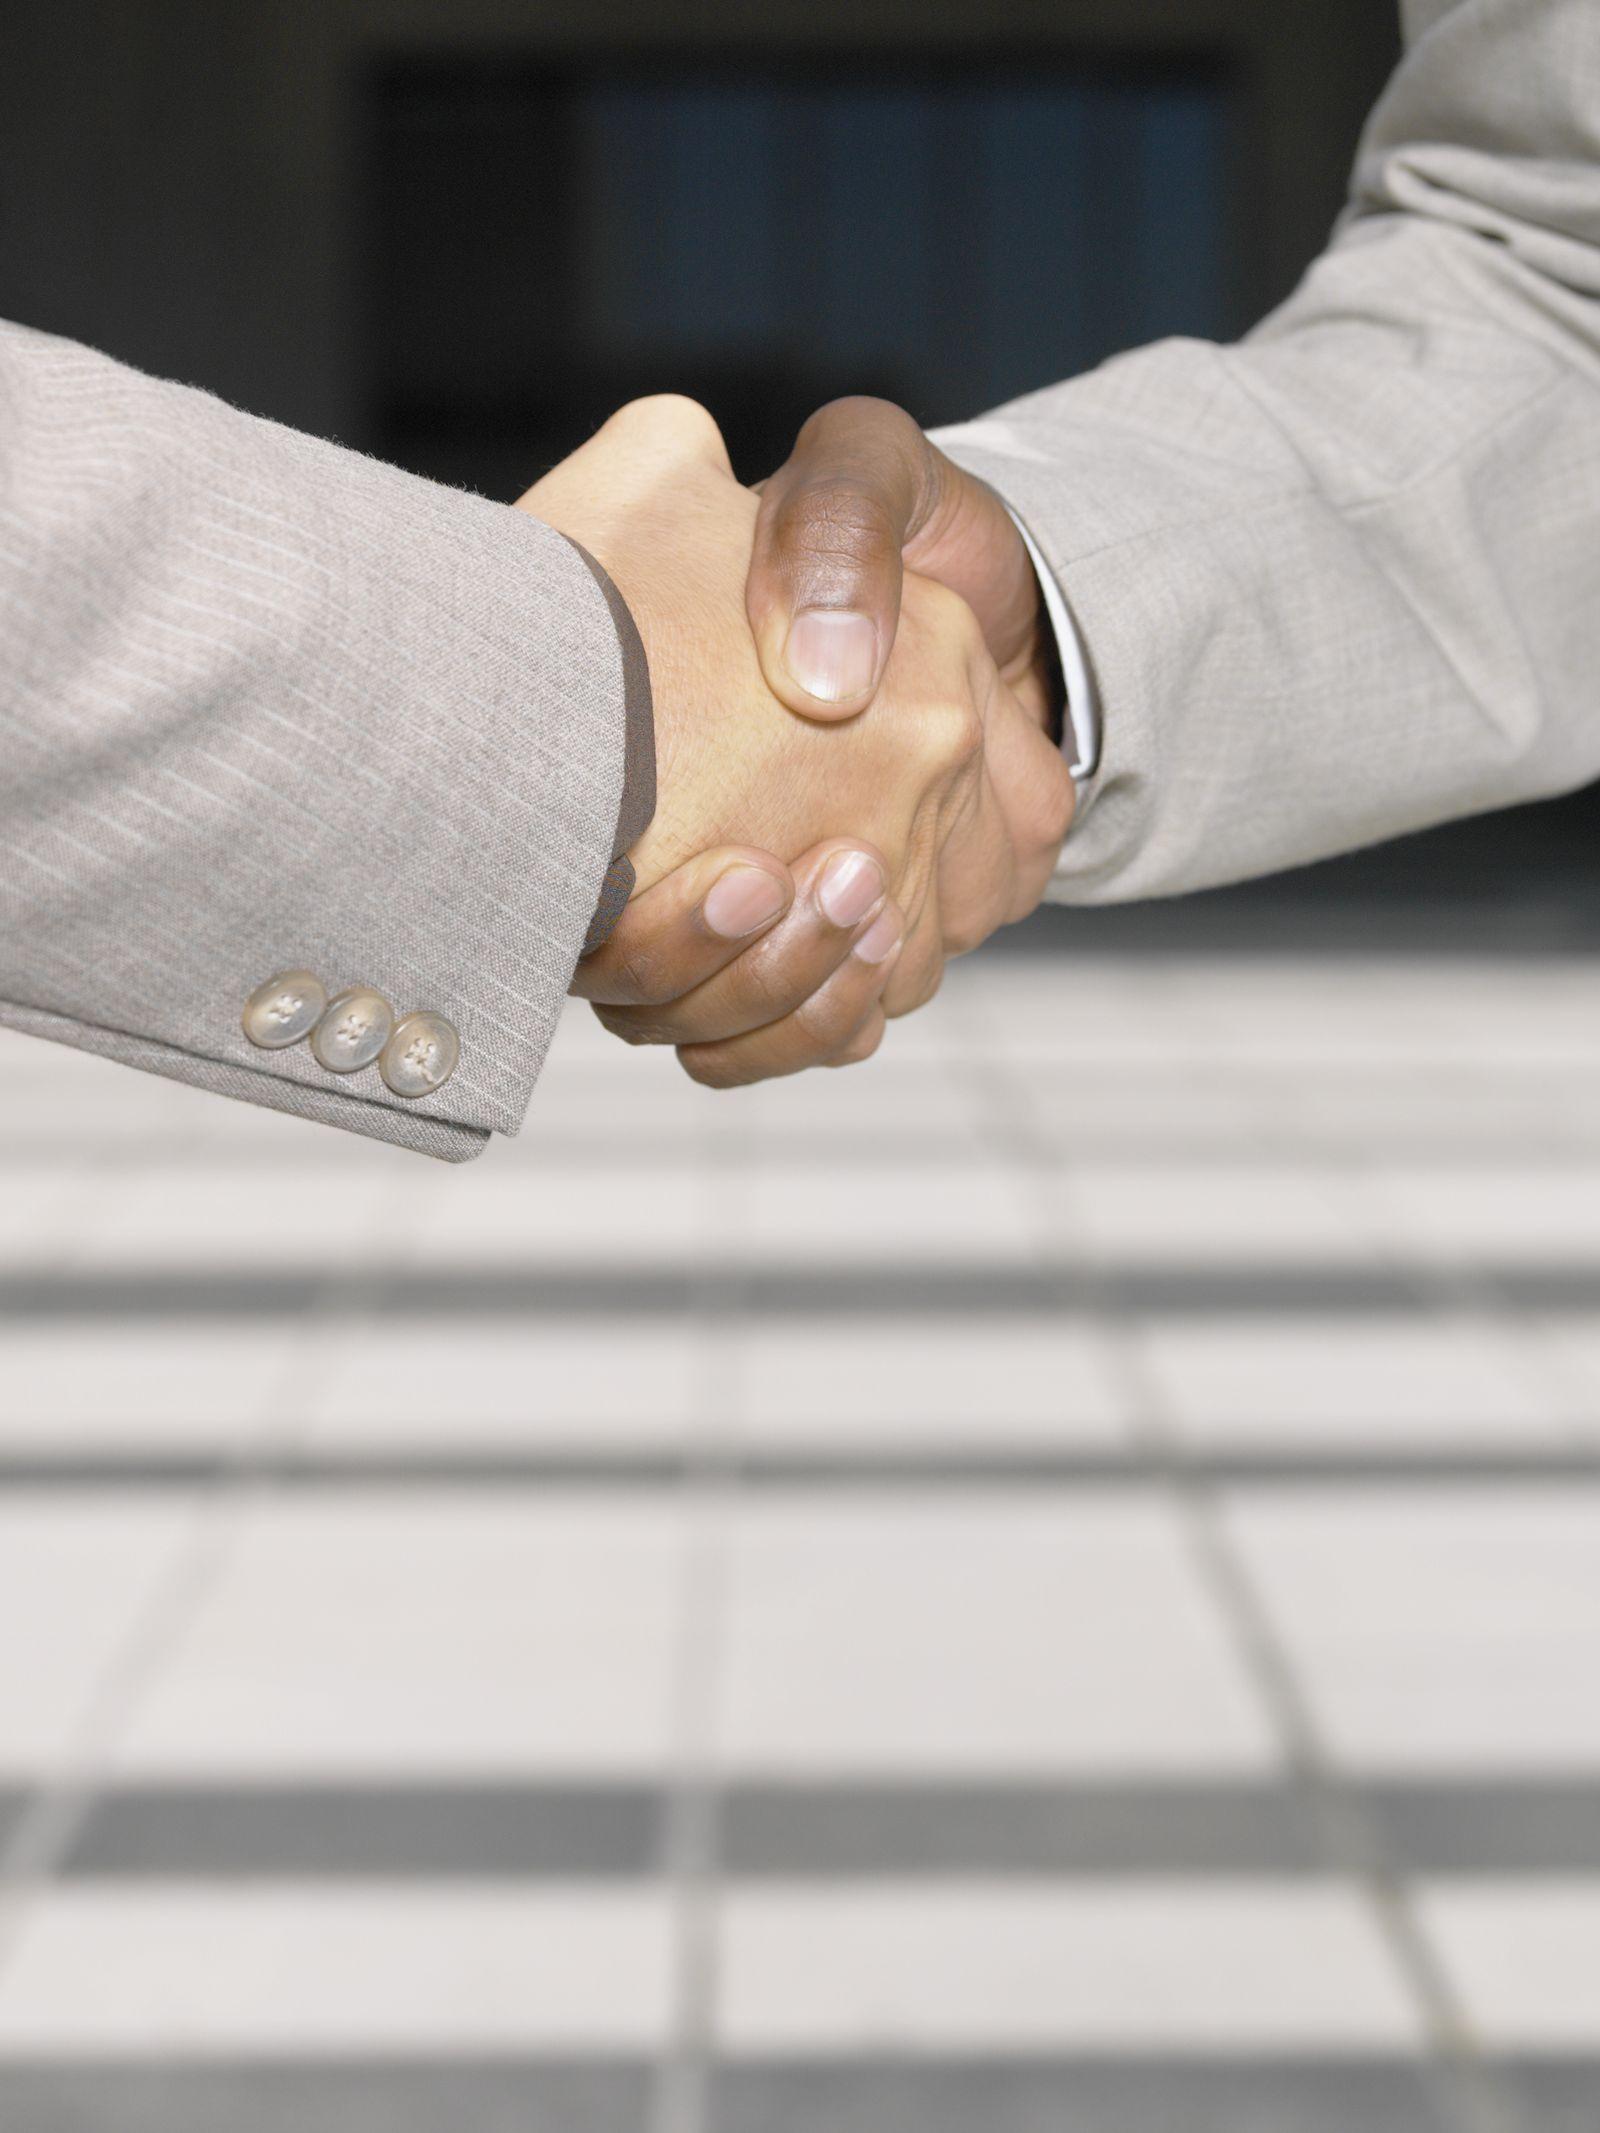 NICHT MEHR VERWENDEN! - Handshake / Händeschütteln / Handschlag